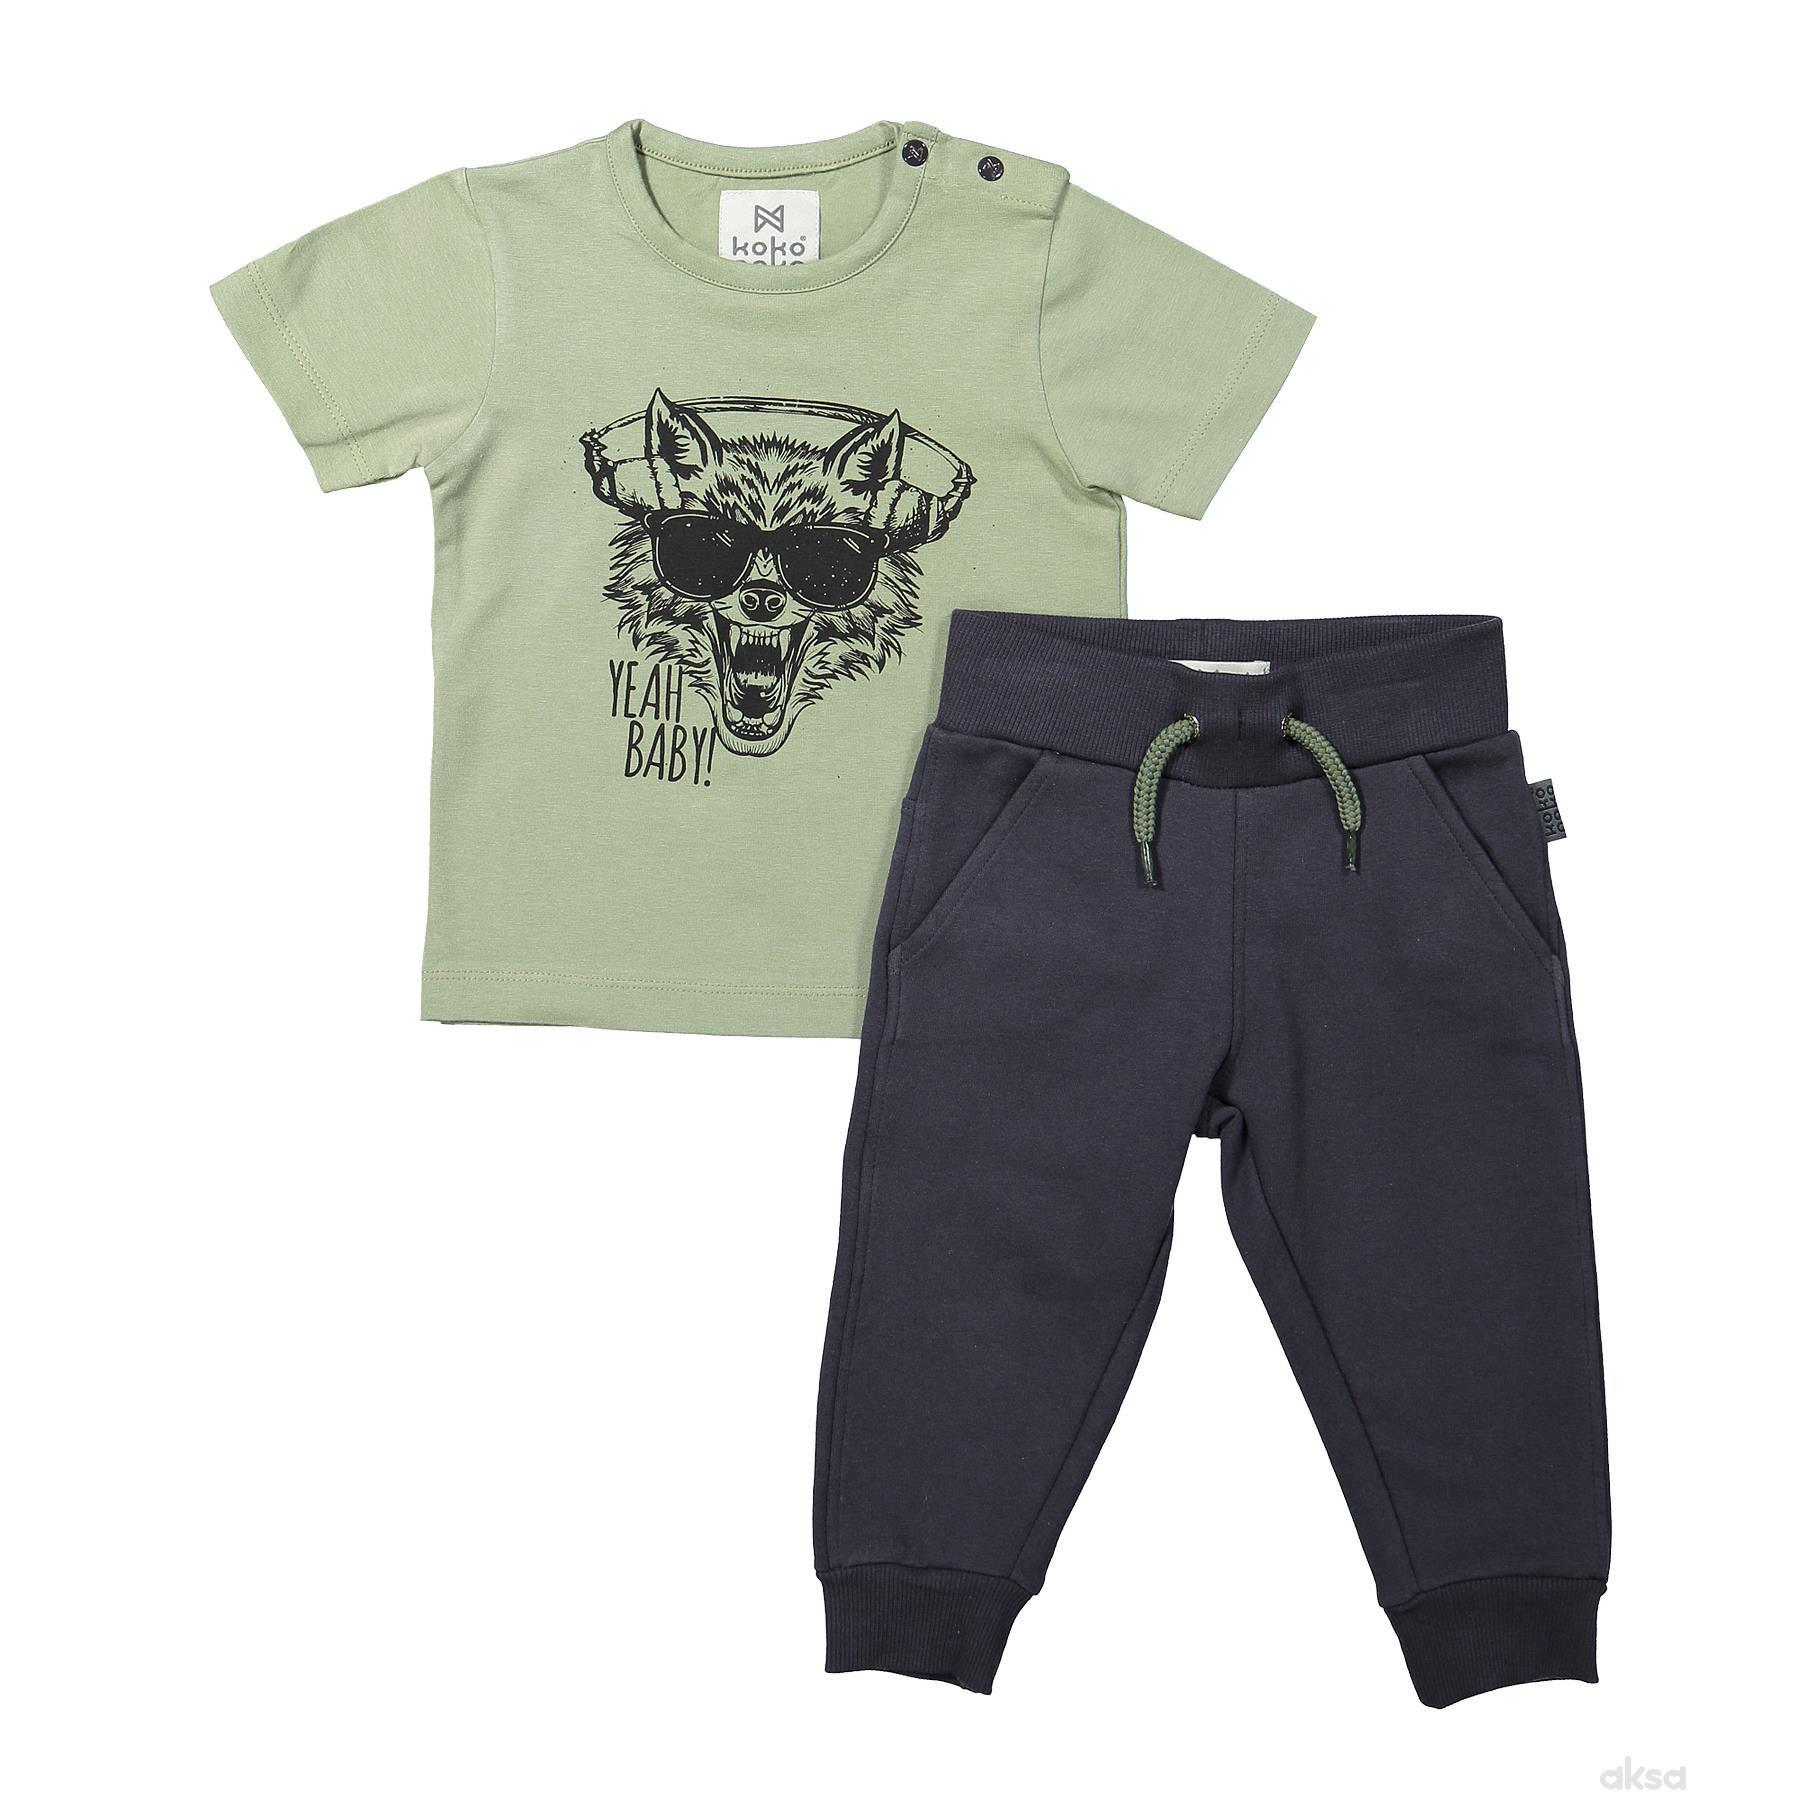 Dirkje komplet (majica k.r i donji deo),dečaci